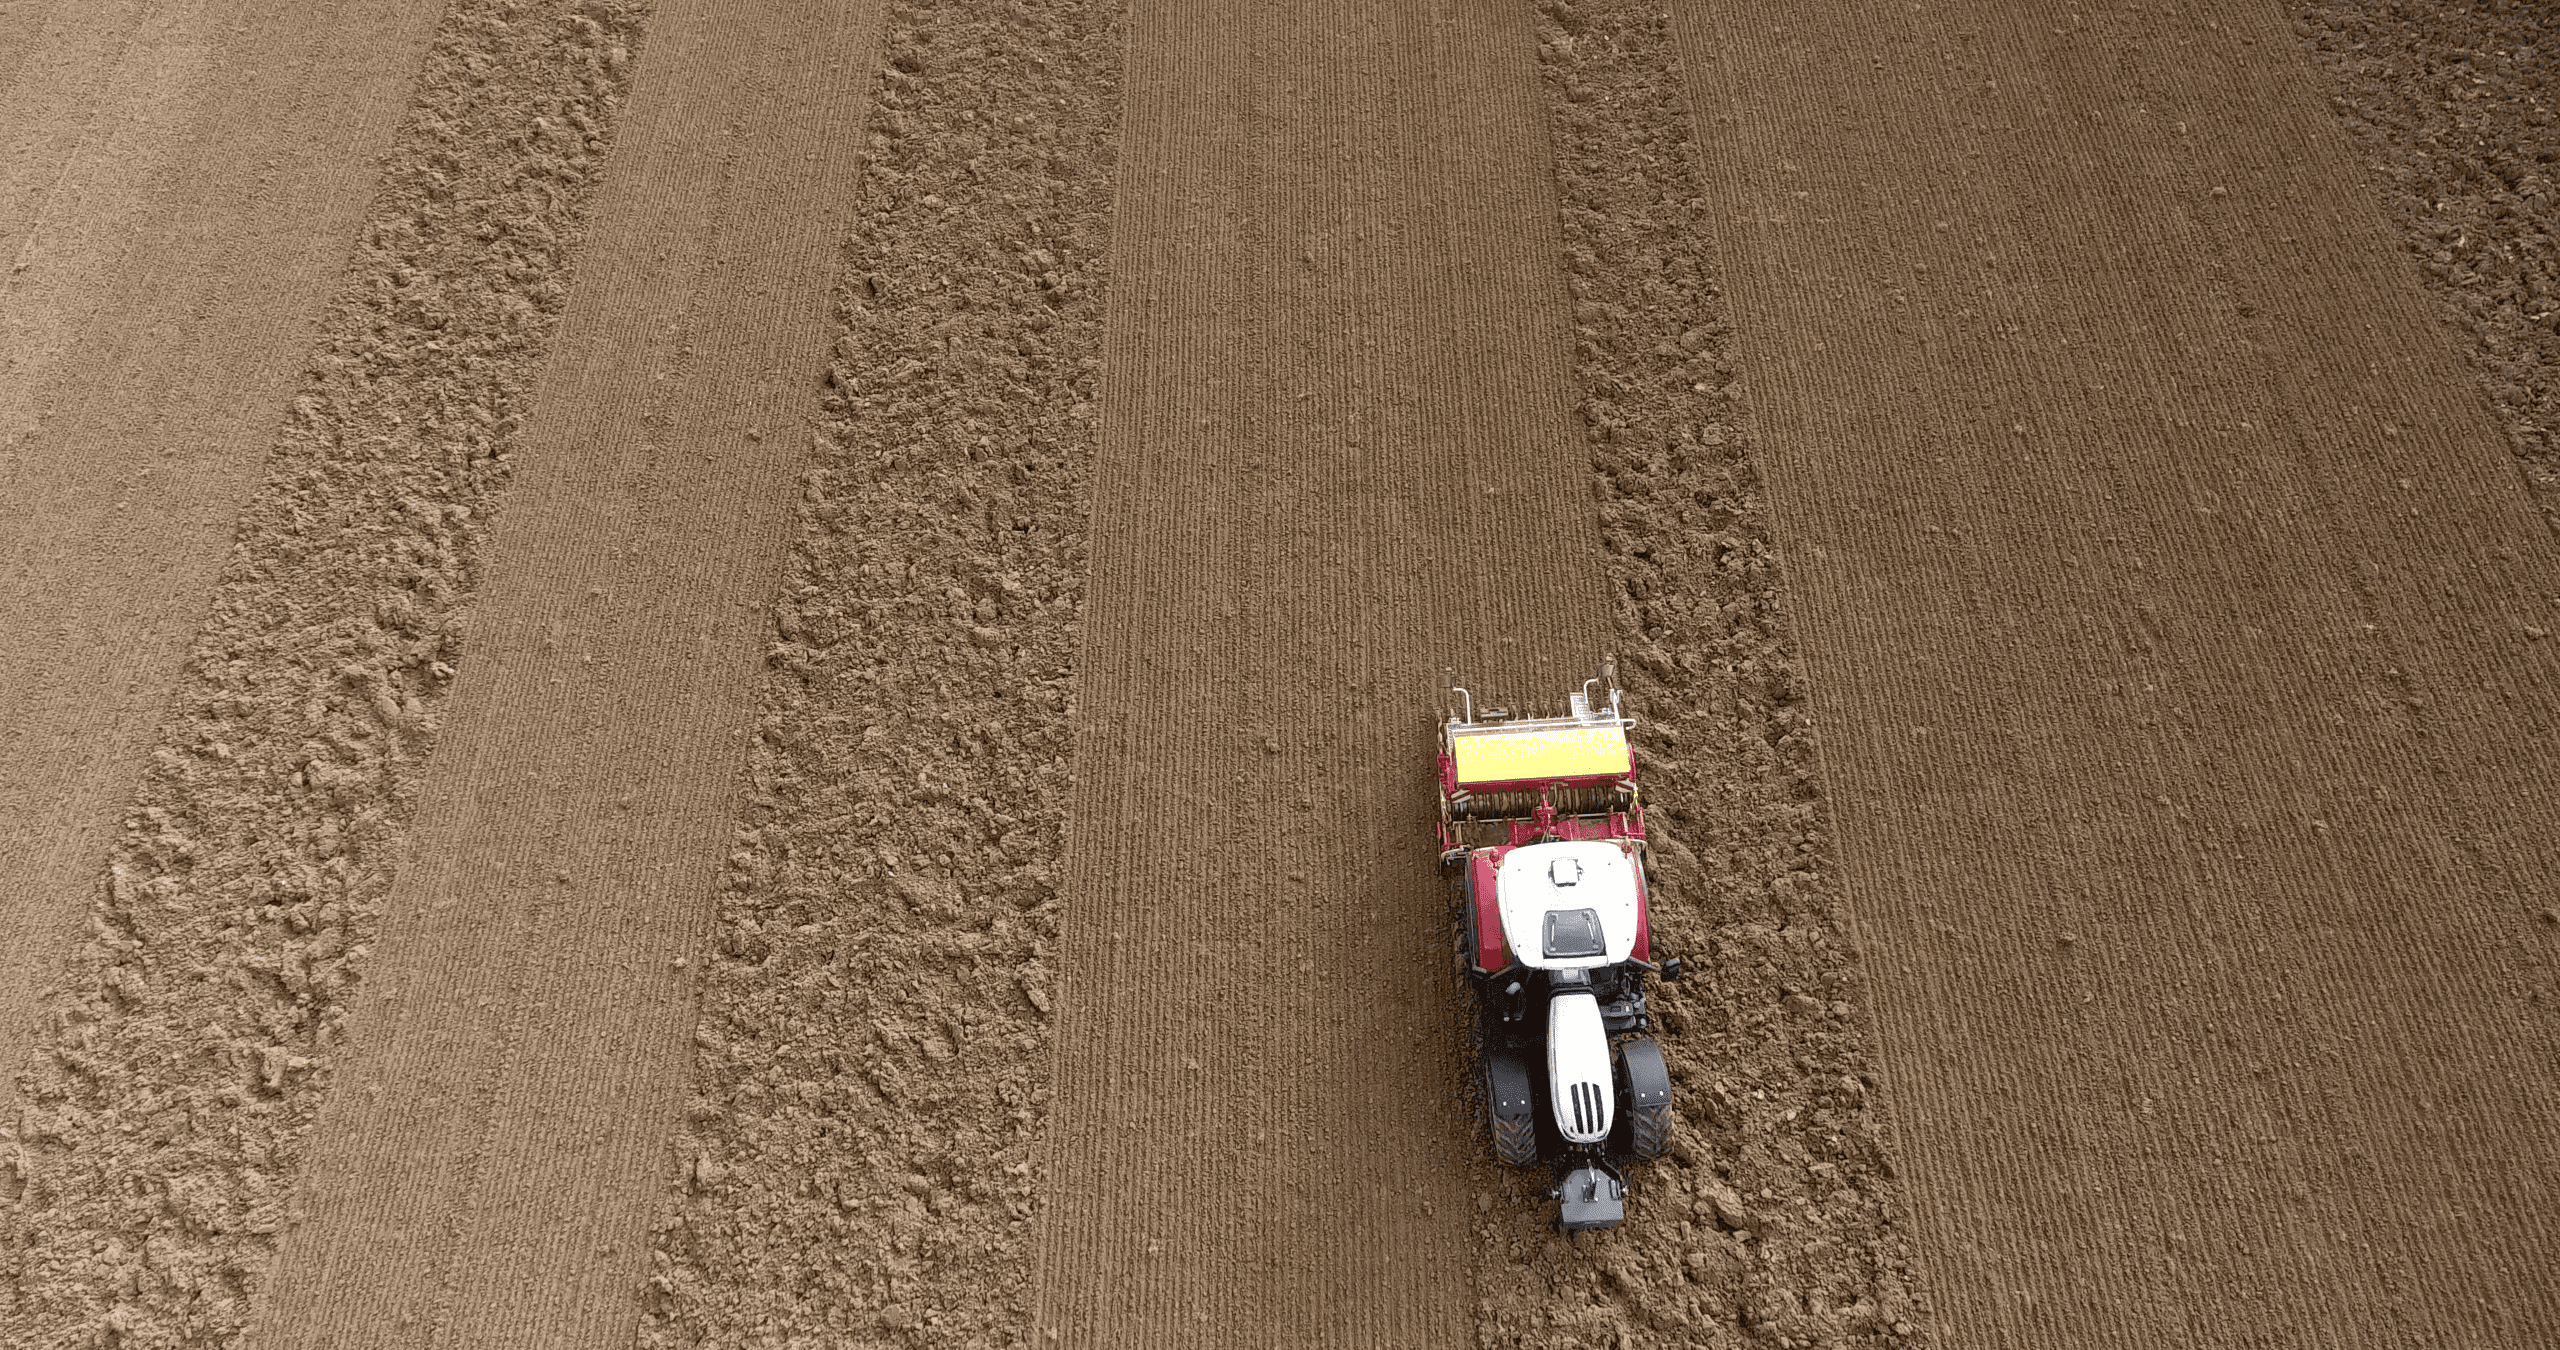 Einsatz von GNSS-Lenksystemen am Feld.